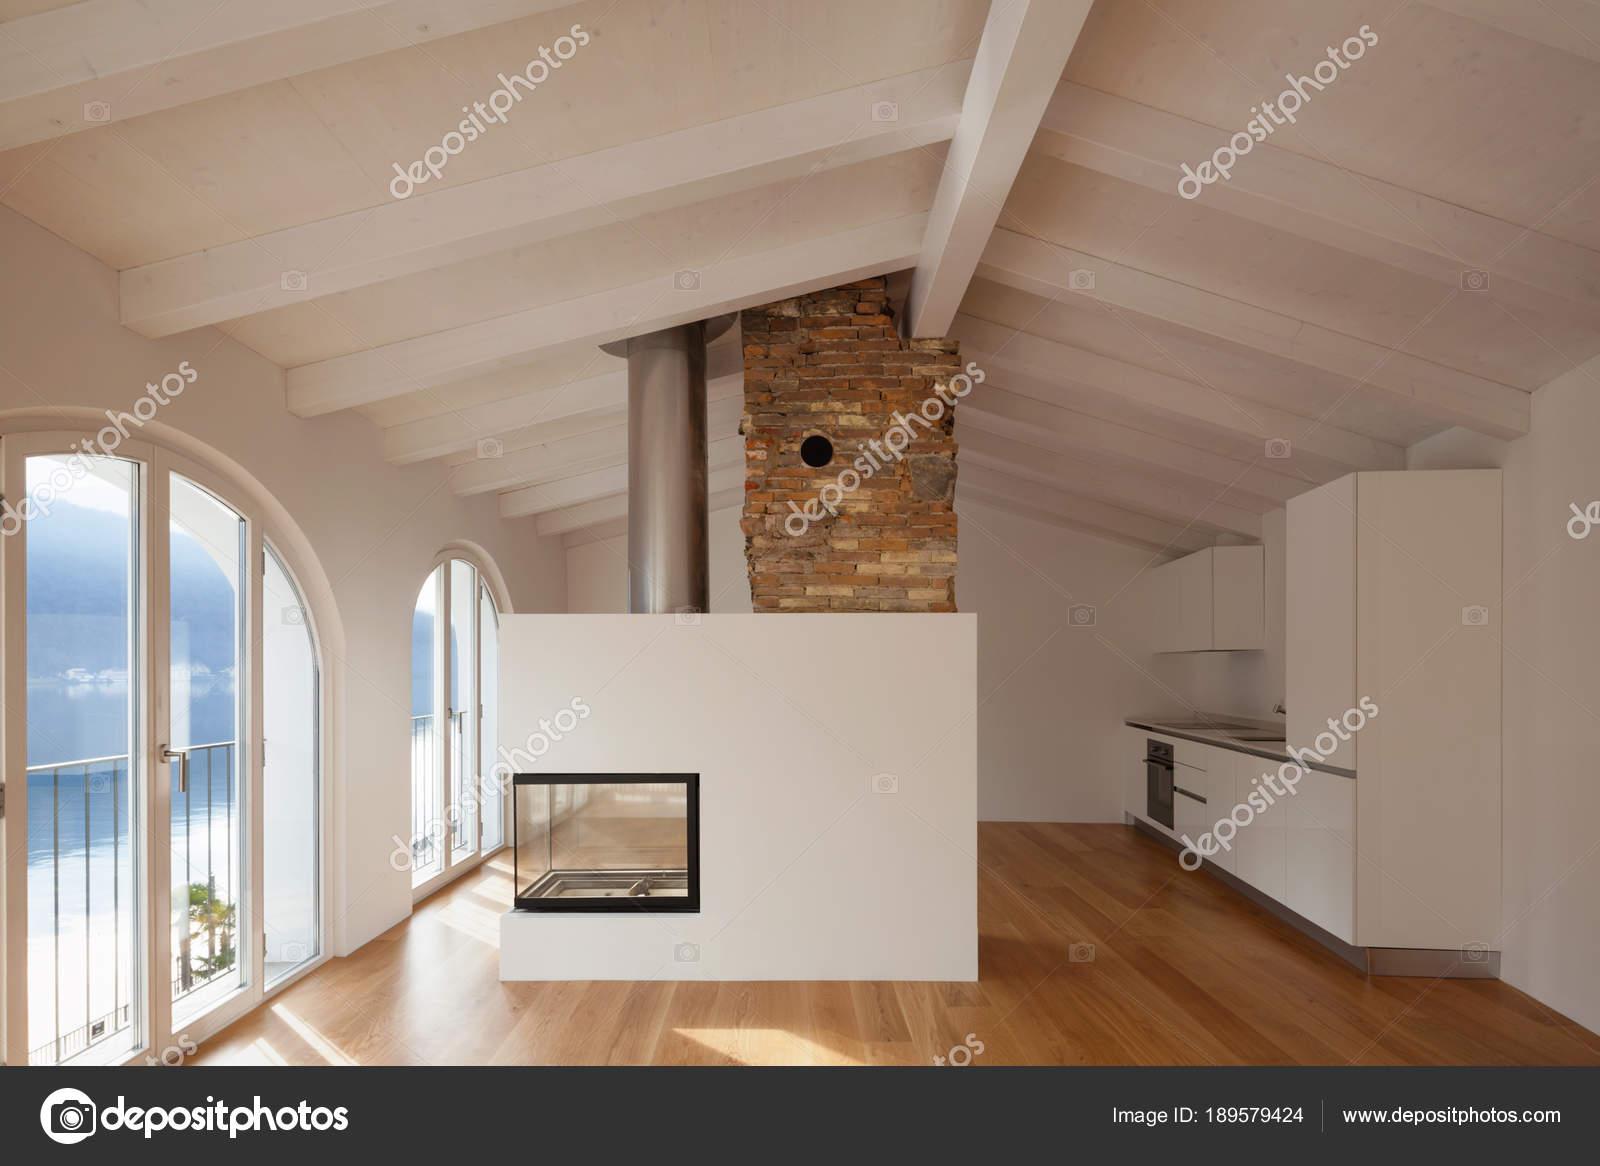 Elegant Modernes Wohnzimmer Mit Kamin In Der Mitte U2014 Stockfoto